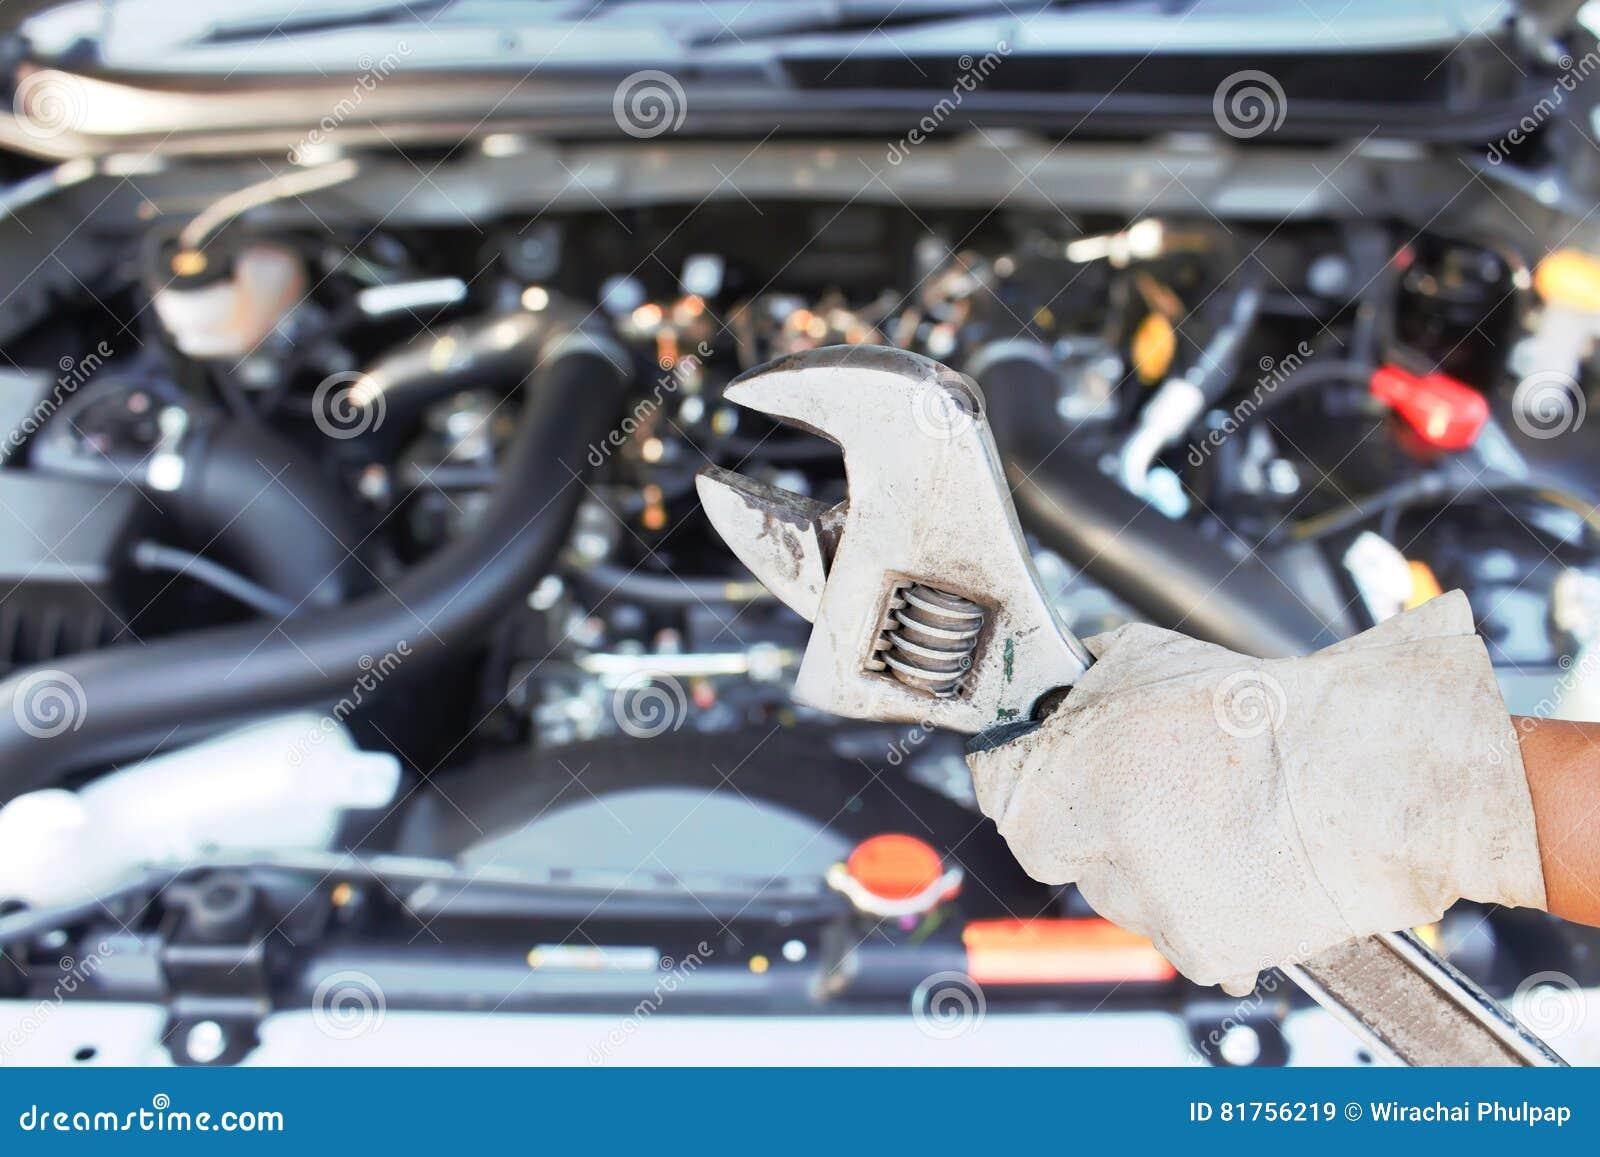 Beste über Automotorteile Galerie - Schaltplan Serie Circuit ...